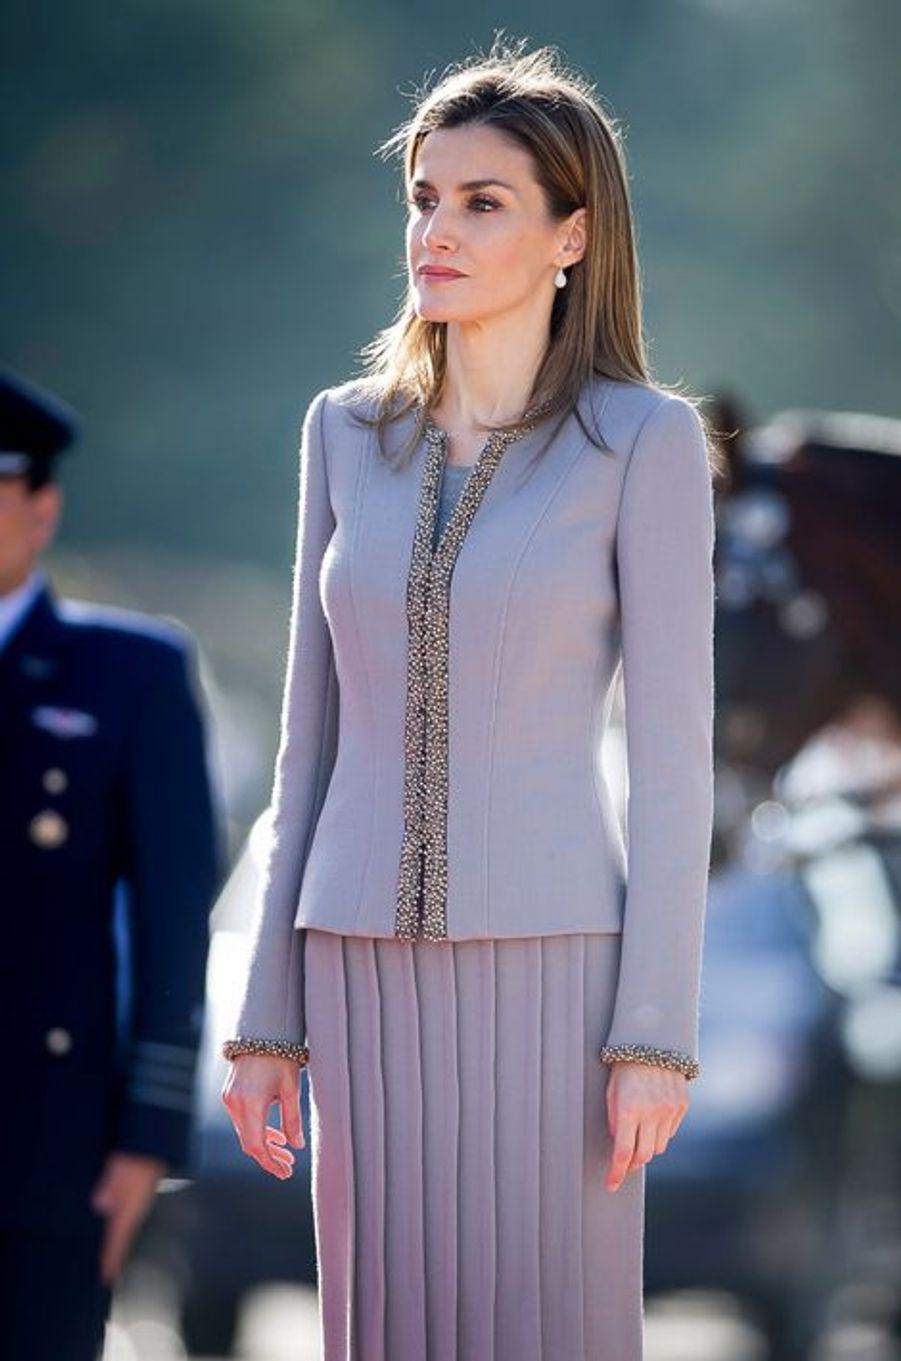 Le roi Felipe VI d'Espagne et la reine Letizia reçoivent Michelle Bachelet au palais du Pardo à Madrid, le 29 octobre 2014